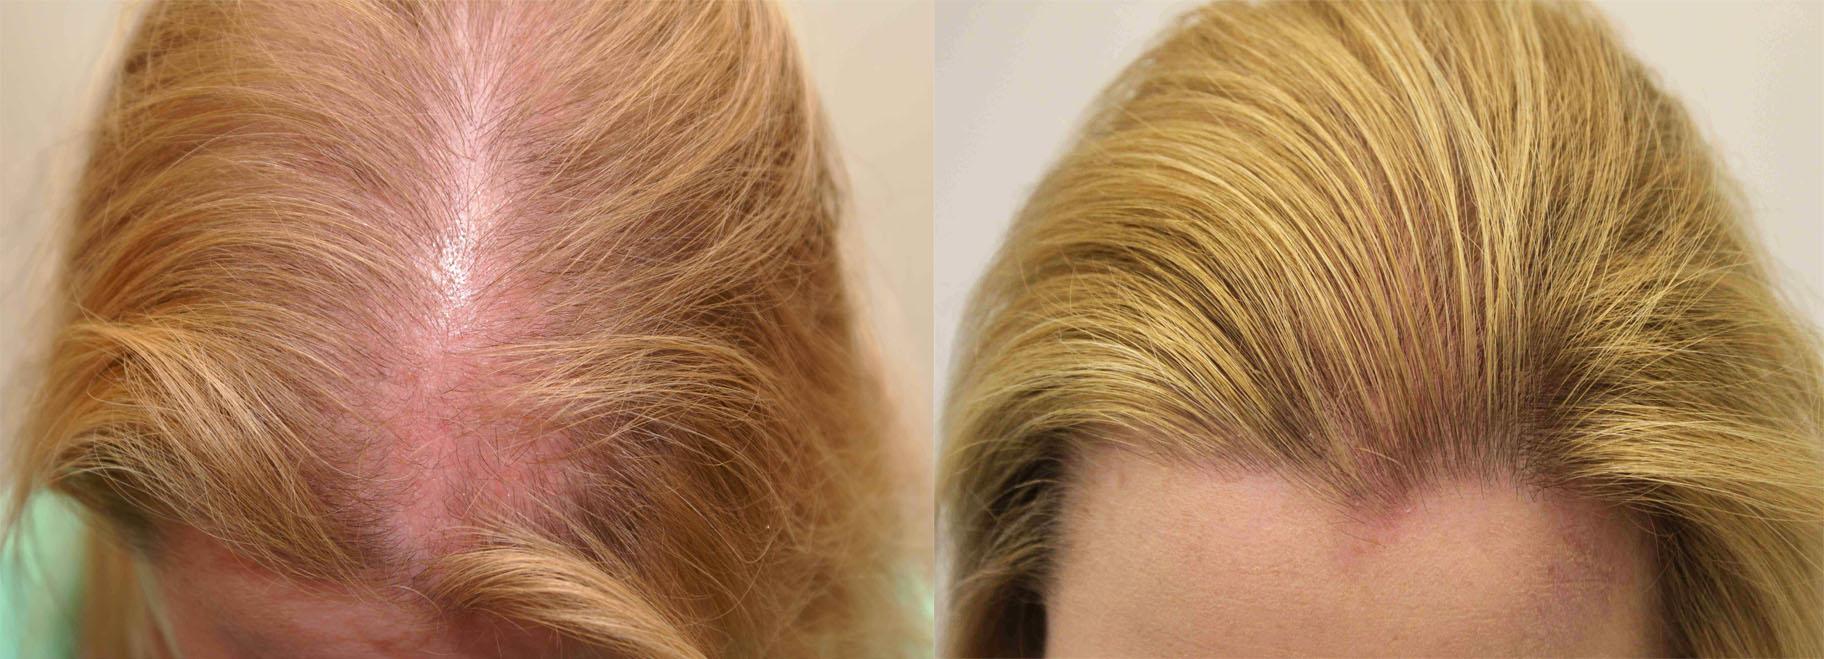 Препараты, вызывающие алопецию или изменяющие цвет волос